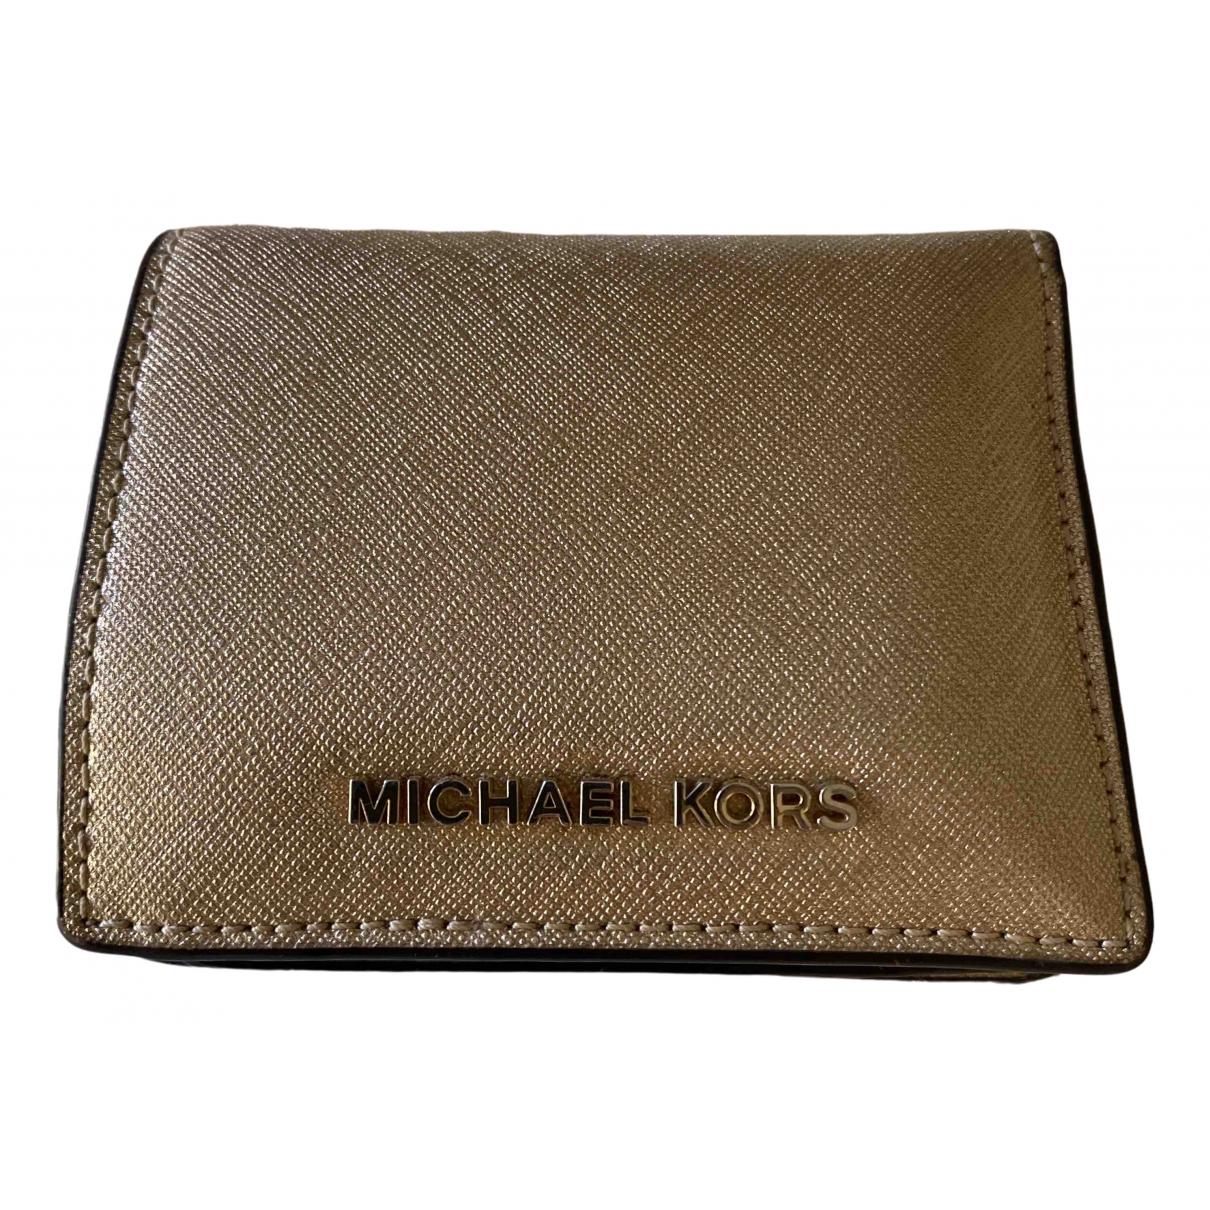 Michael Kors - Portefeuille   pour femme en fourrure - dore